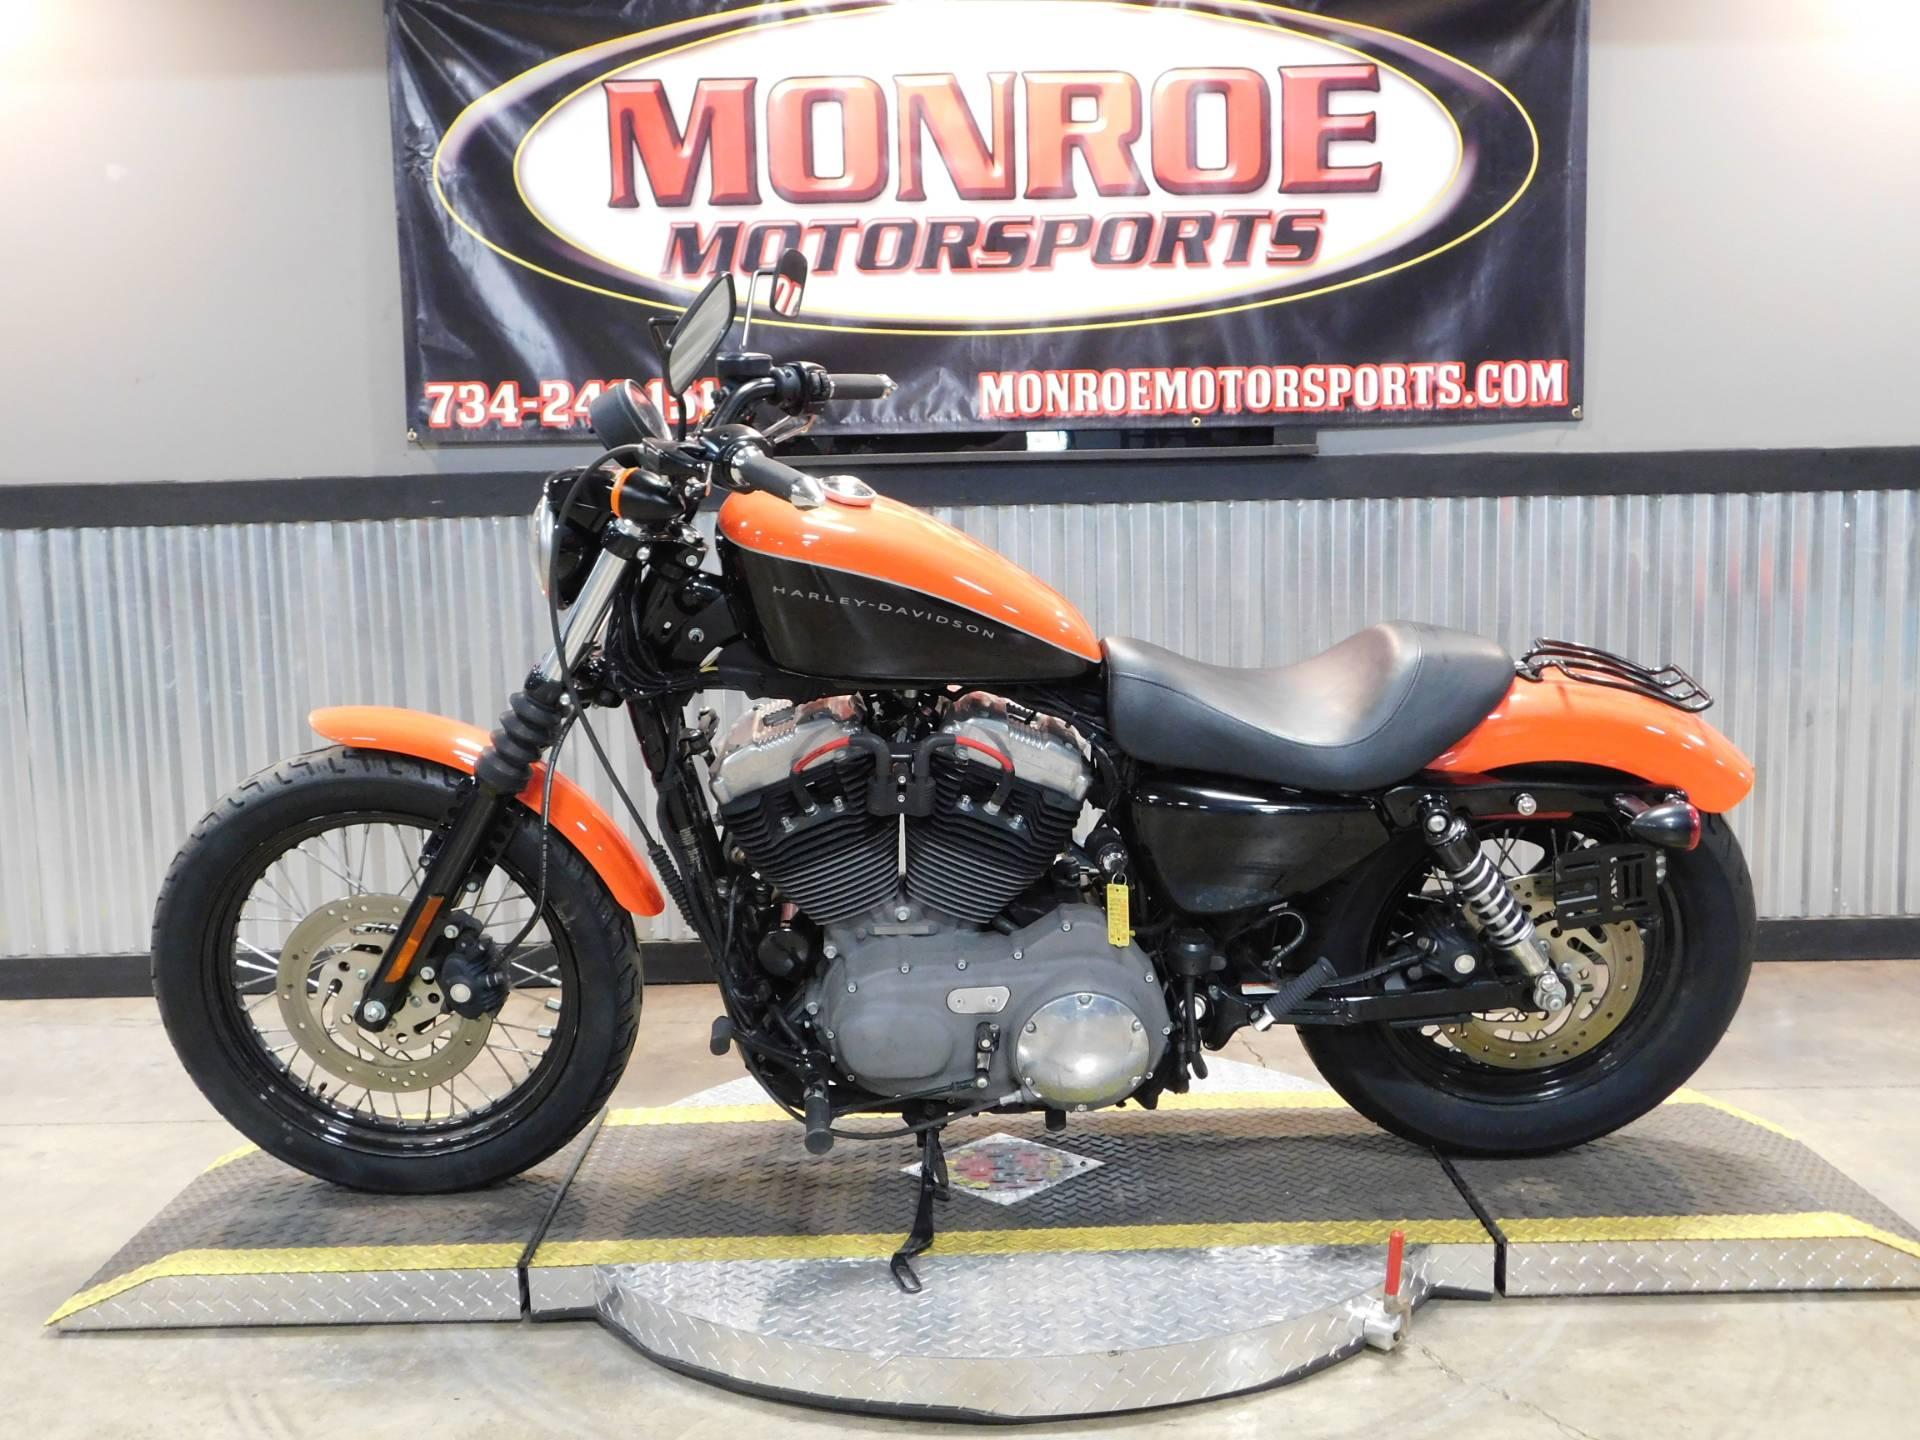 Used 2007 Harley Davidson Sportster 1200 Nightster Motorcycles In Monroe Mi Stock Number Hd467305 Monroe Motorsports Com